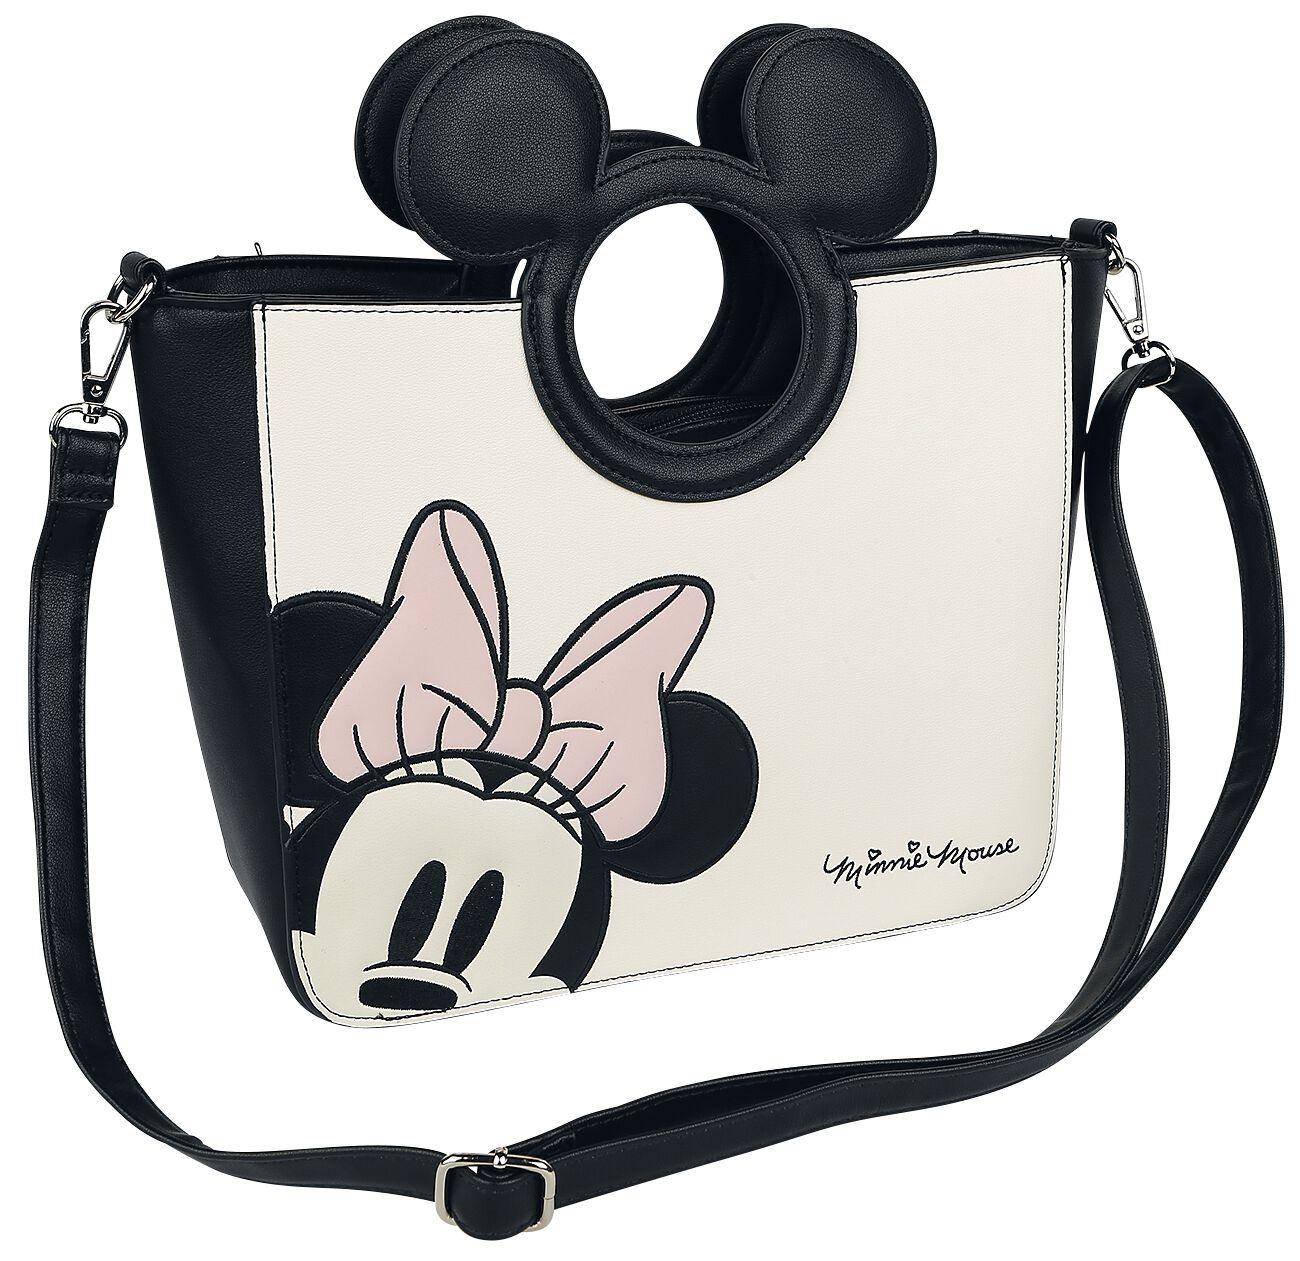 9a3aea4650e6d Handtaschen für Frauen - Micky Maus Loungefly Minni Handtasche weiß schwarz  - Onlineshop EMP